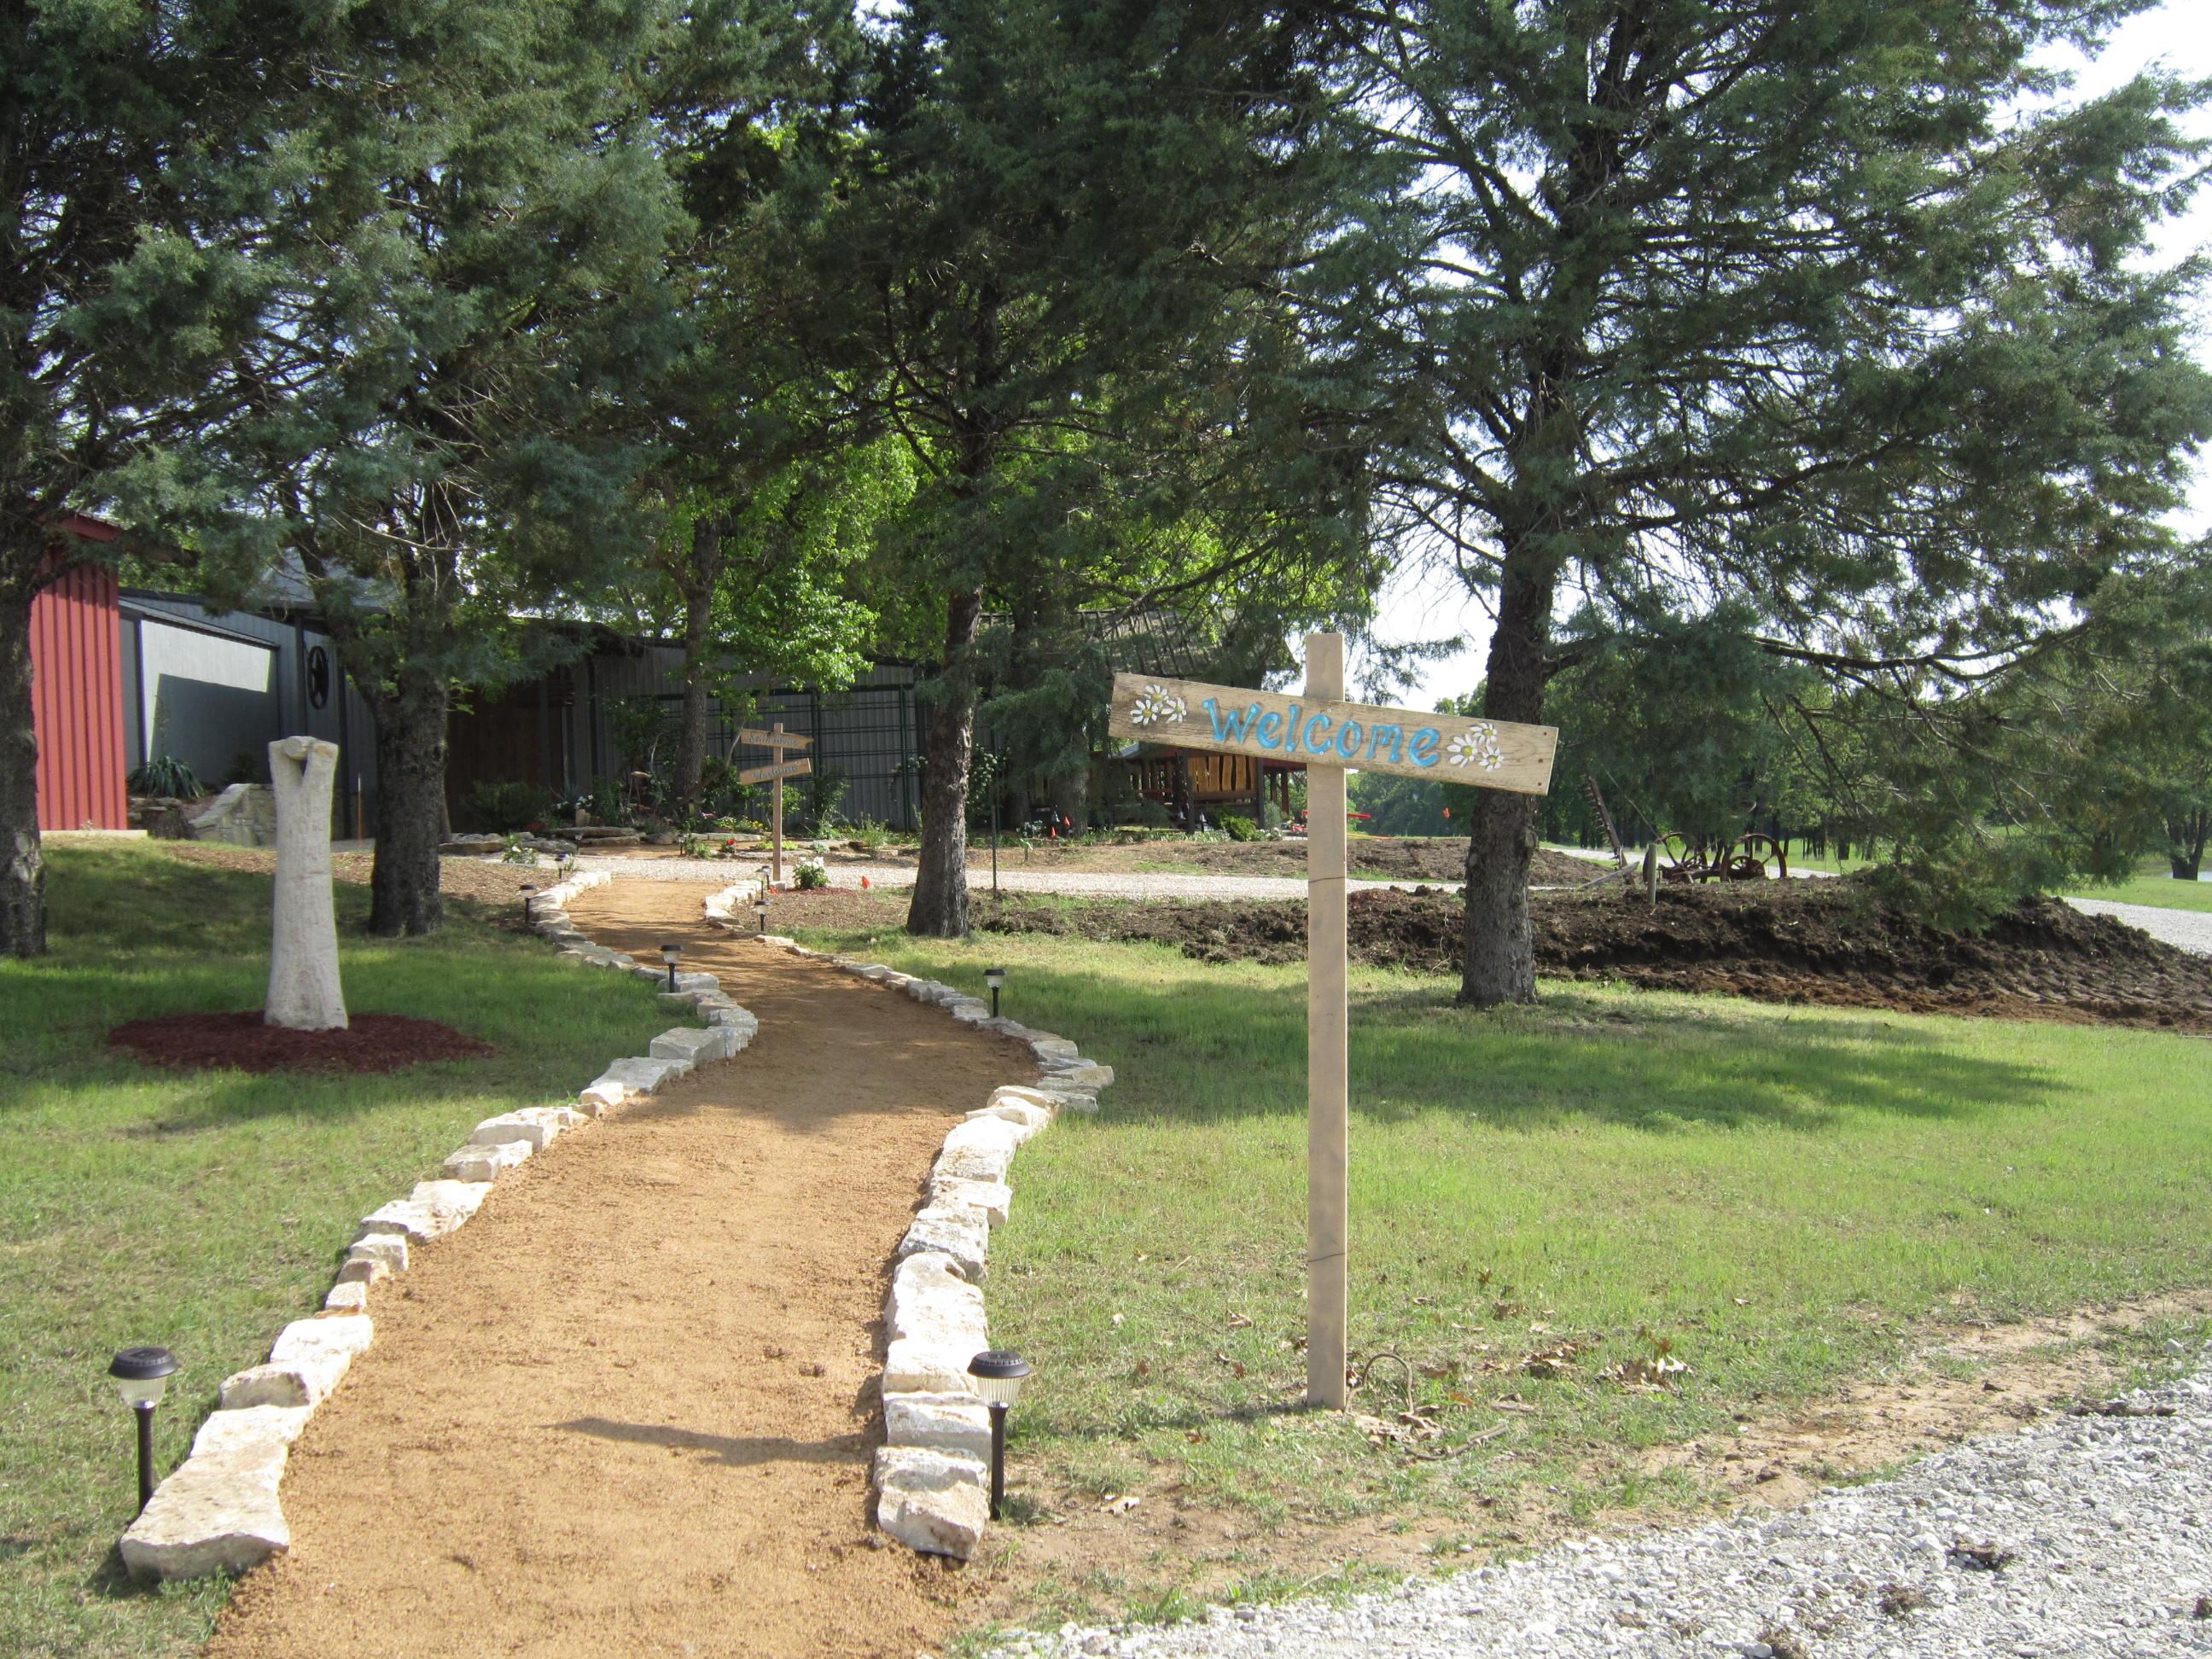 outdoor wedding venue entrance